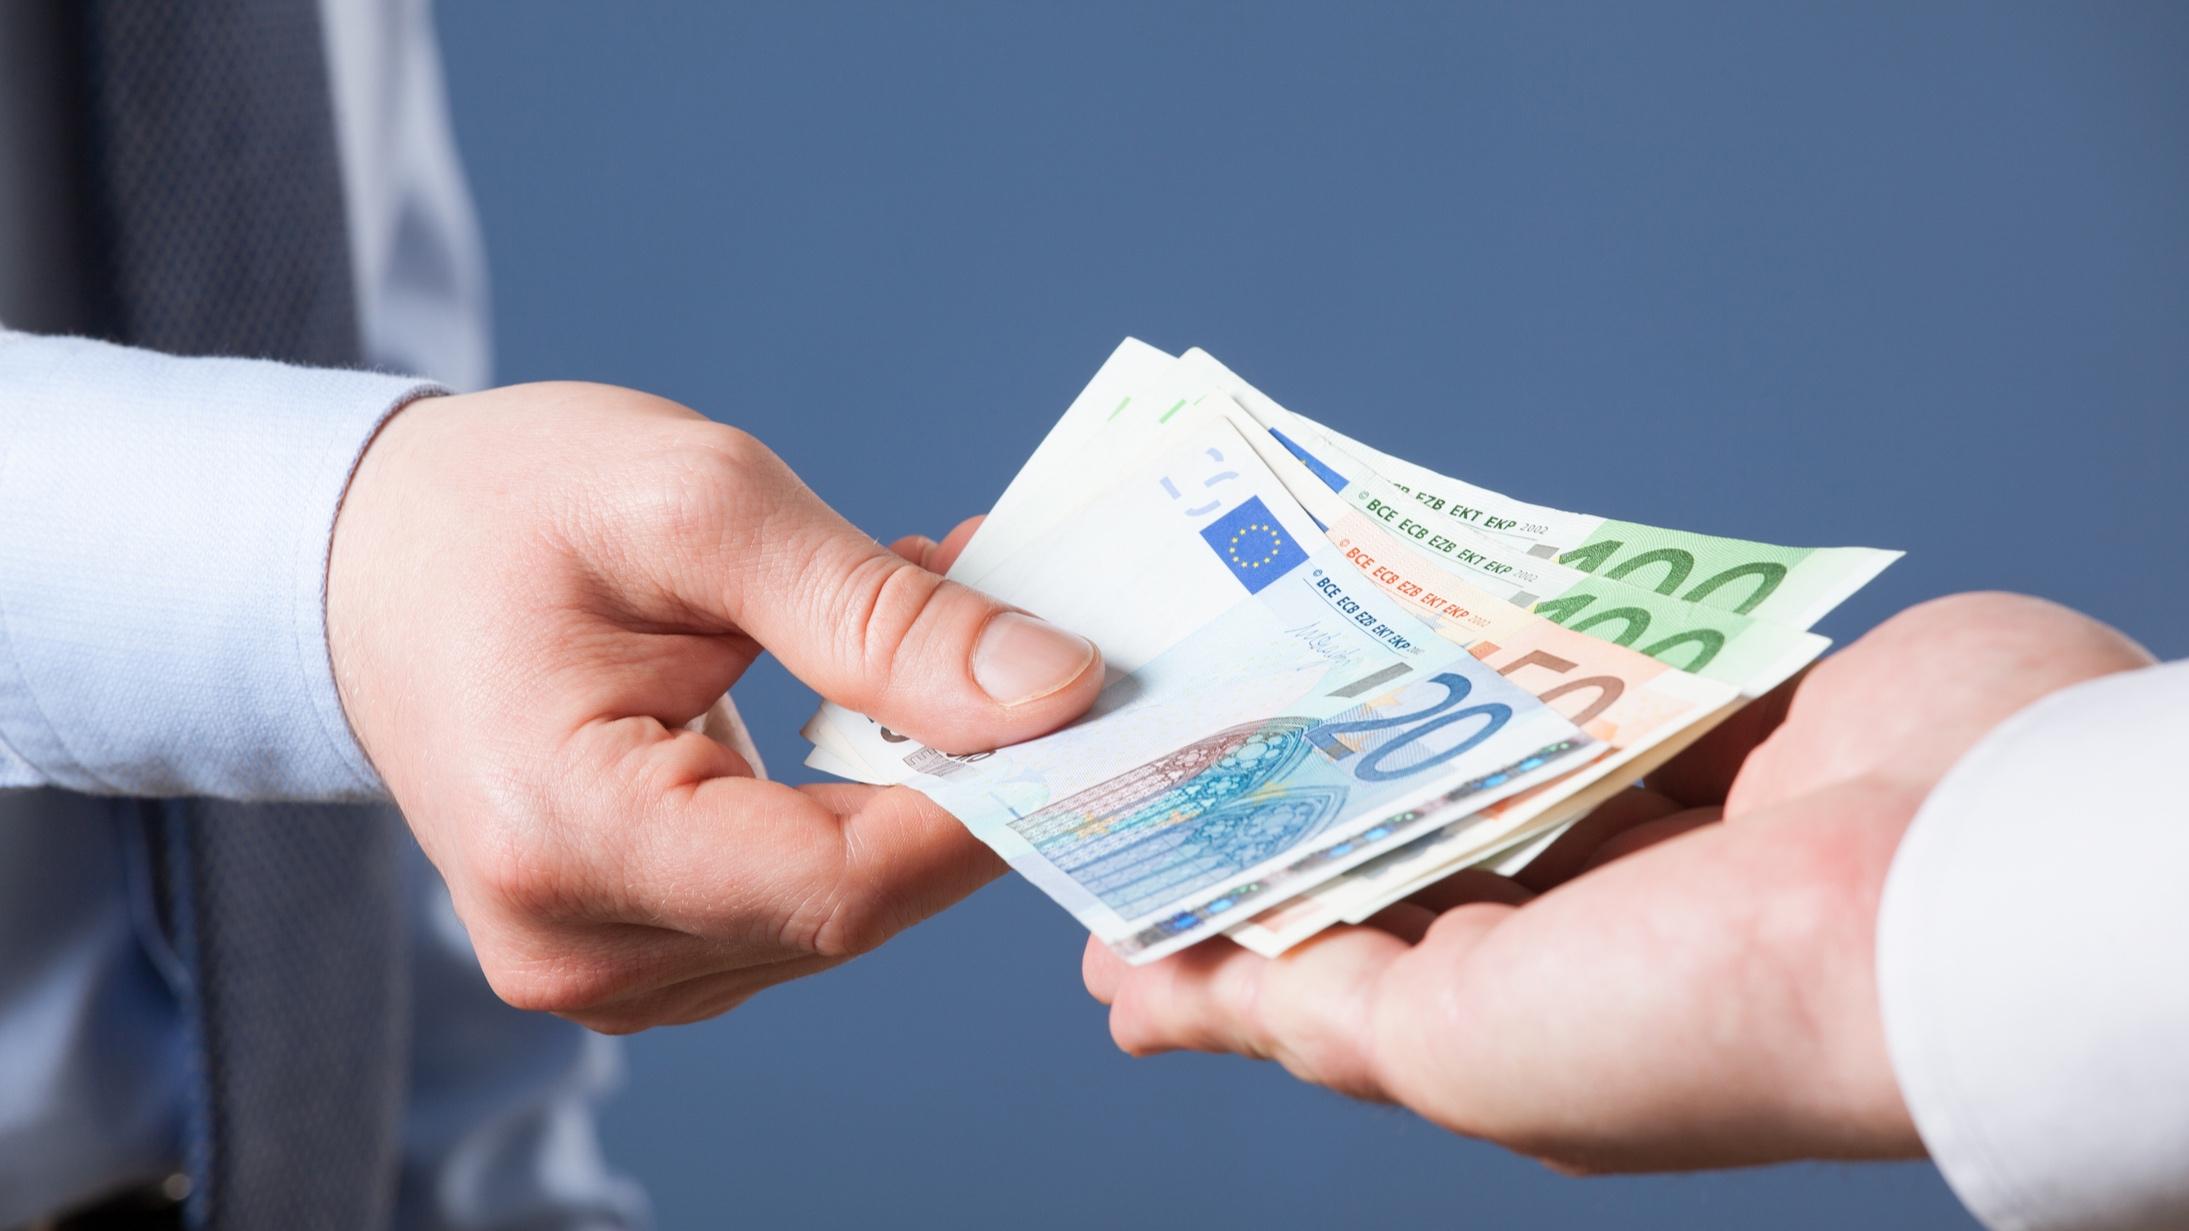 Nicht bezahltes Gehalt - Fehlender Lohn oder falsche Gehaltsabrechnungen?